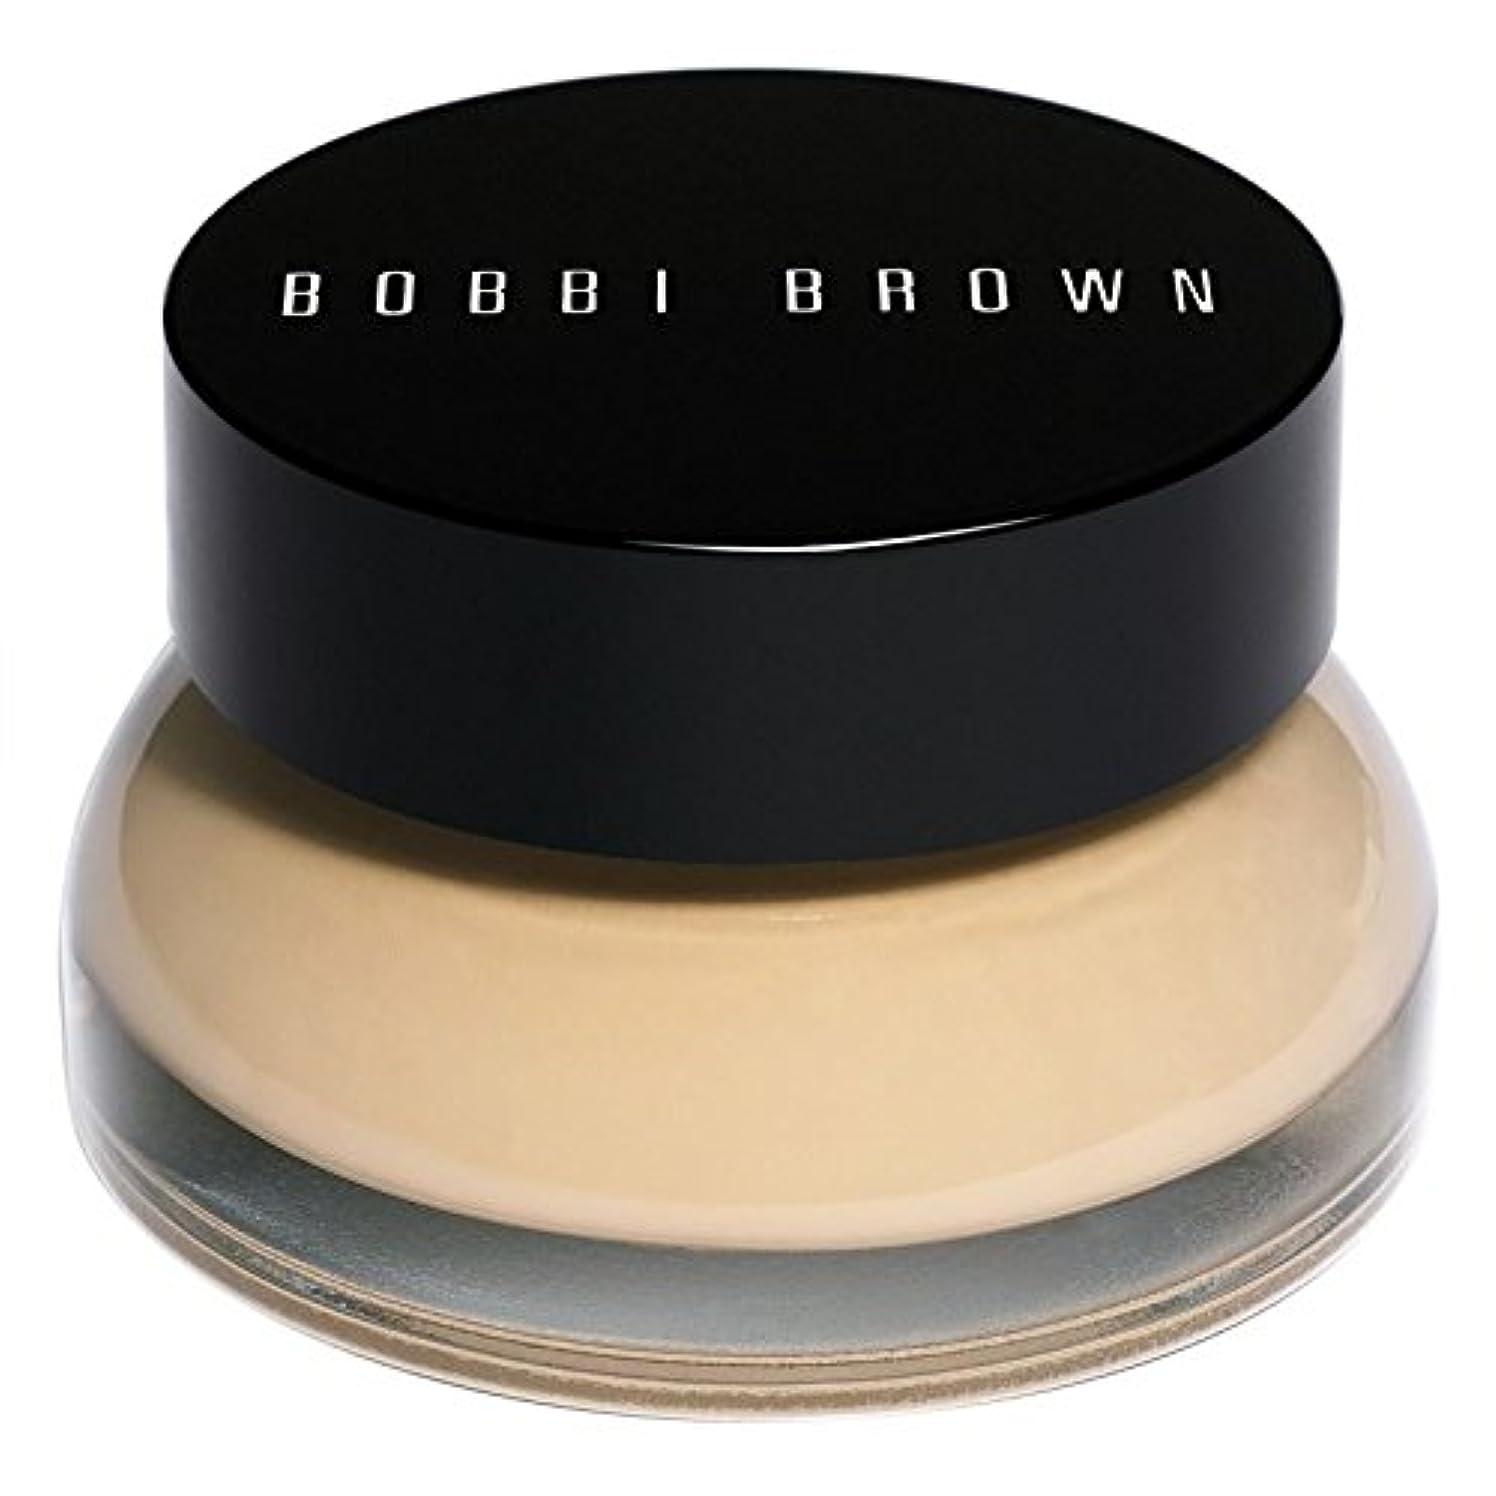 精巧なブルジョン工業用[Bobbi Brown] ボビーブラウンの余分なSpf着色保湿バーム暗い色合い - Bobbi Brown Extra Spf Tinted Moisturizing Balm Dark Tint [並行輸入品]